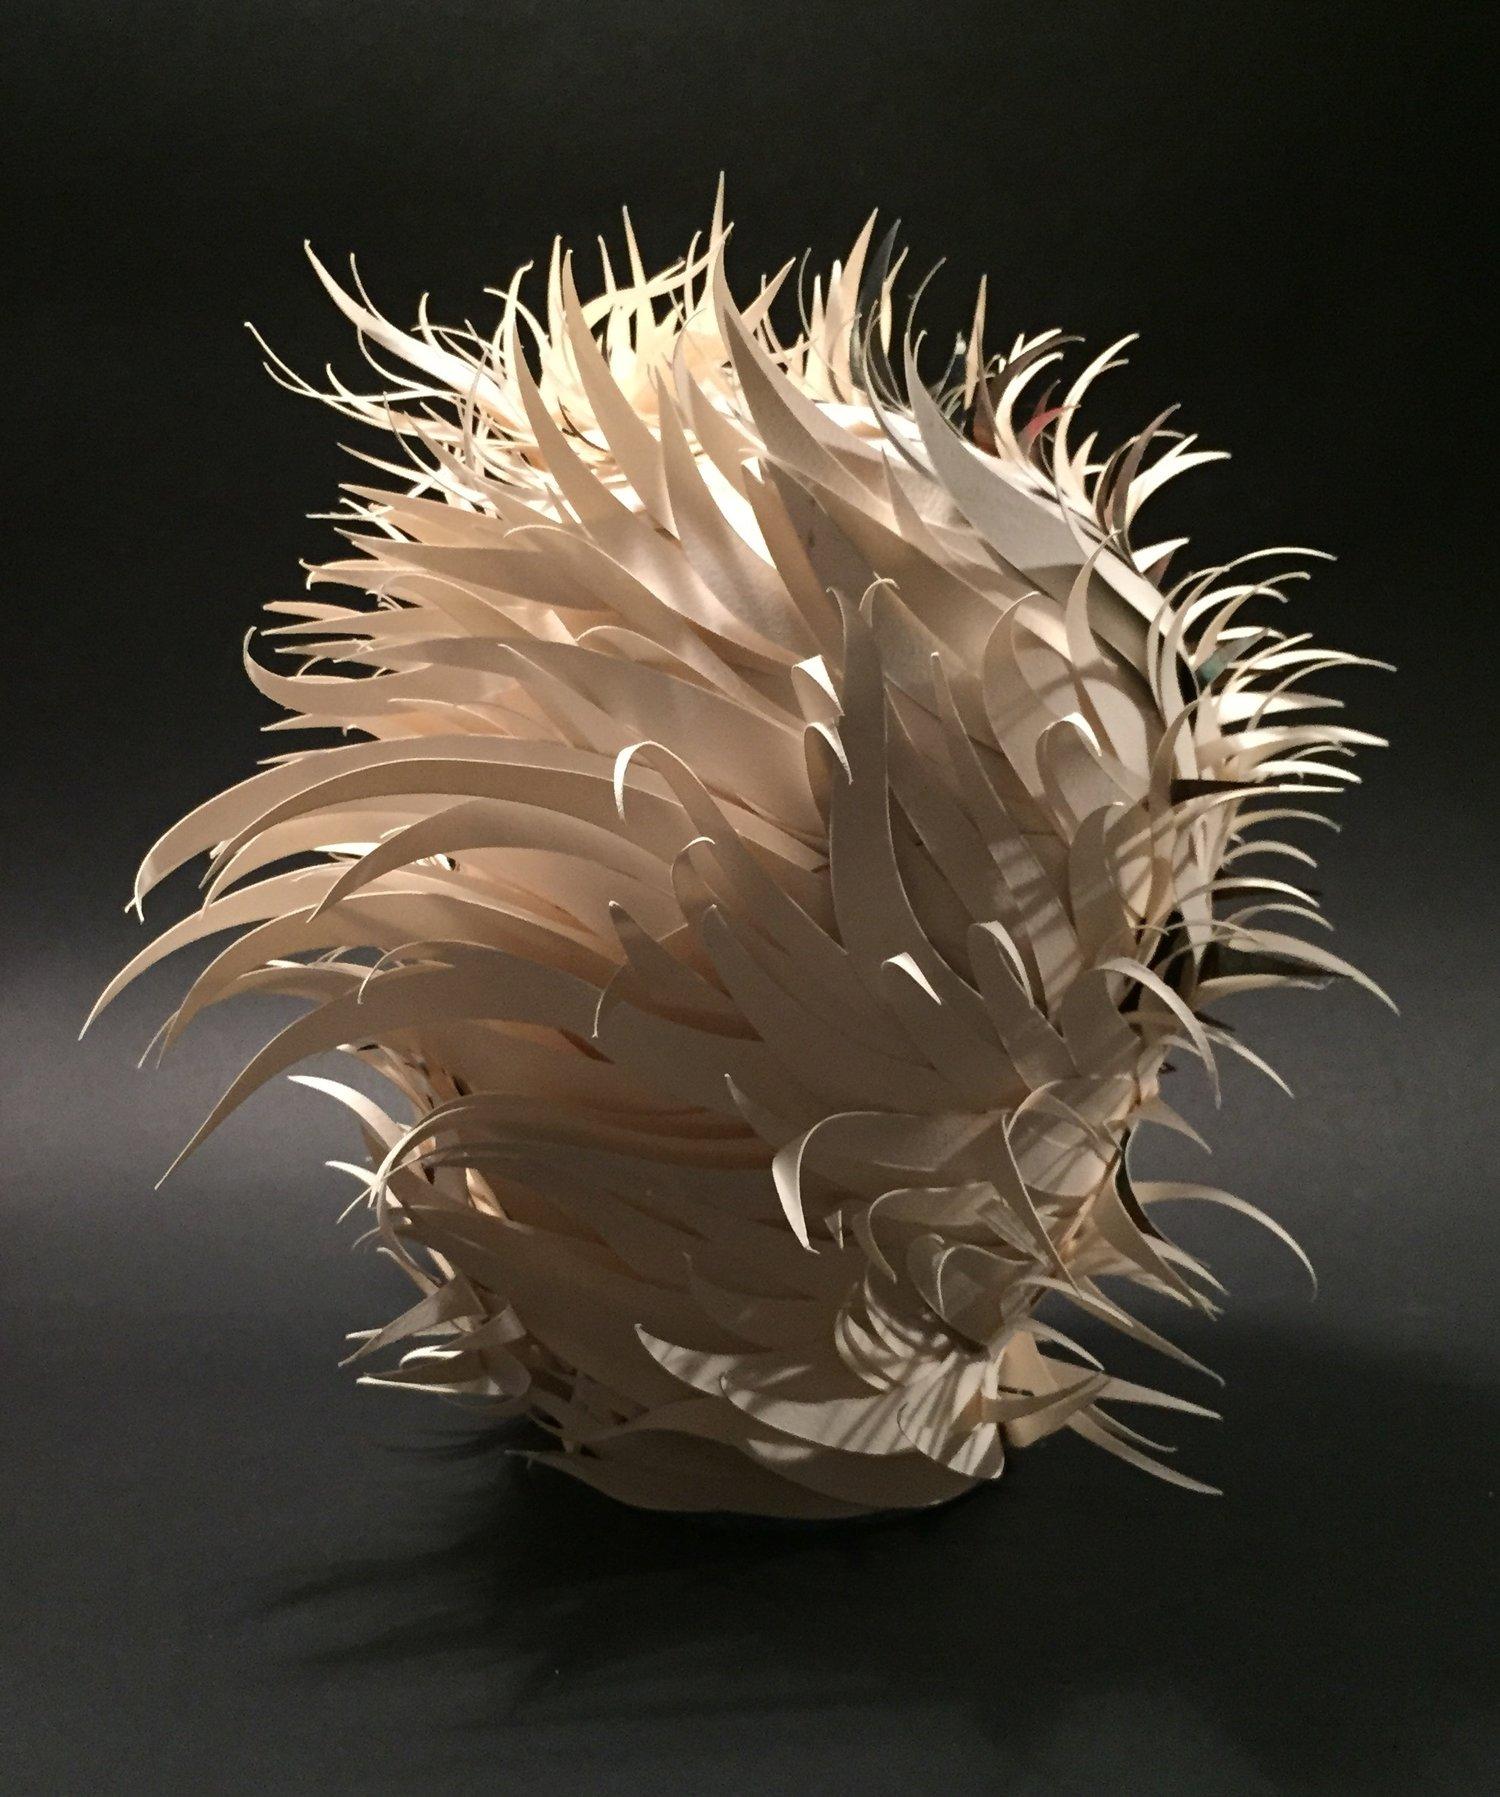 Metamorphosis (back view), 2016